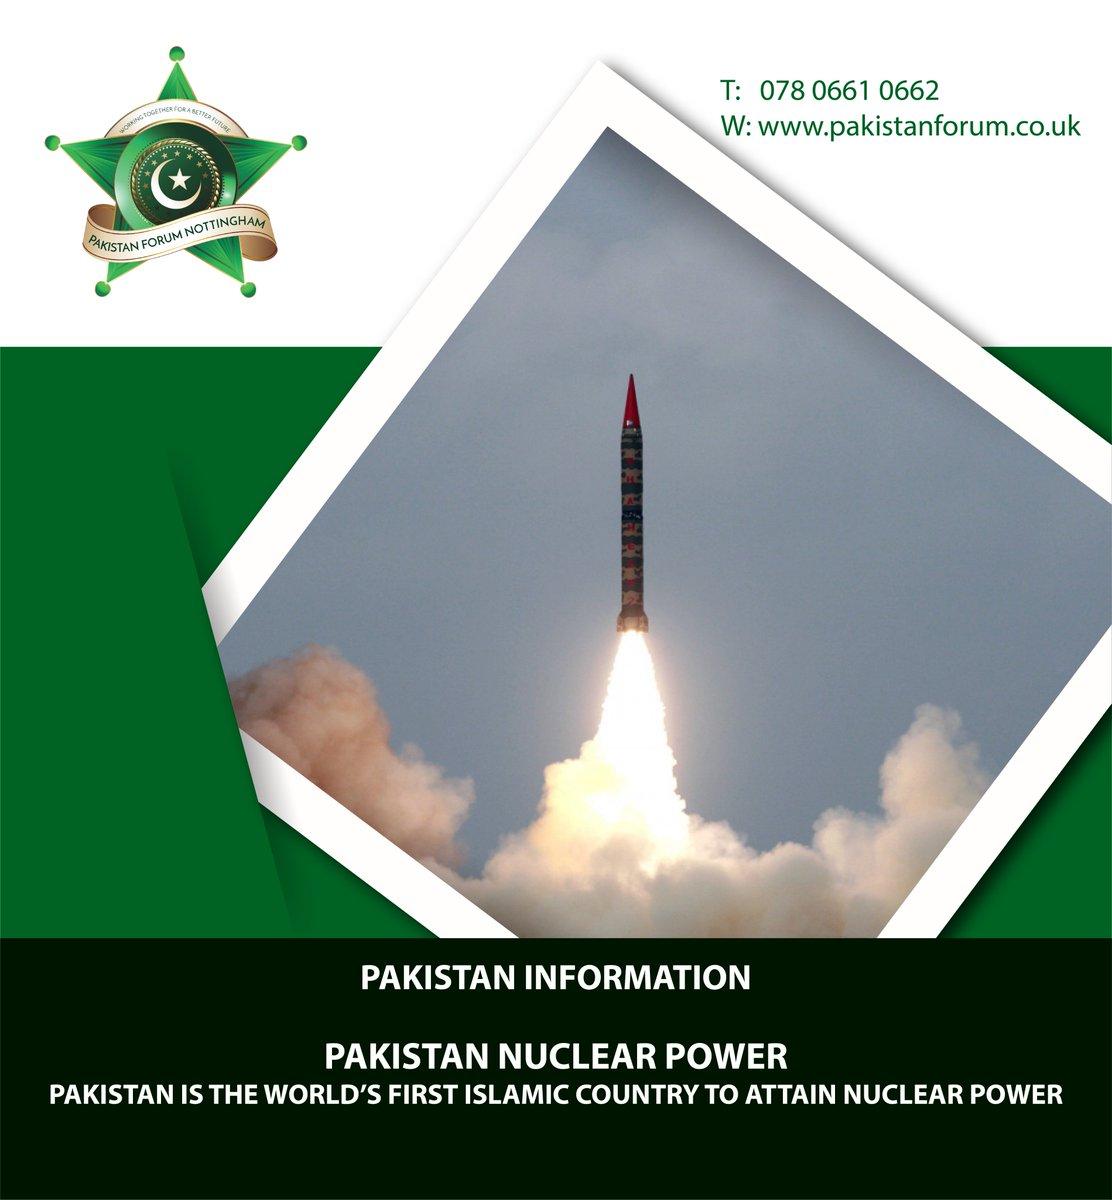 Pakistan Forum Nottingham on Twitter: